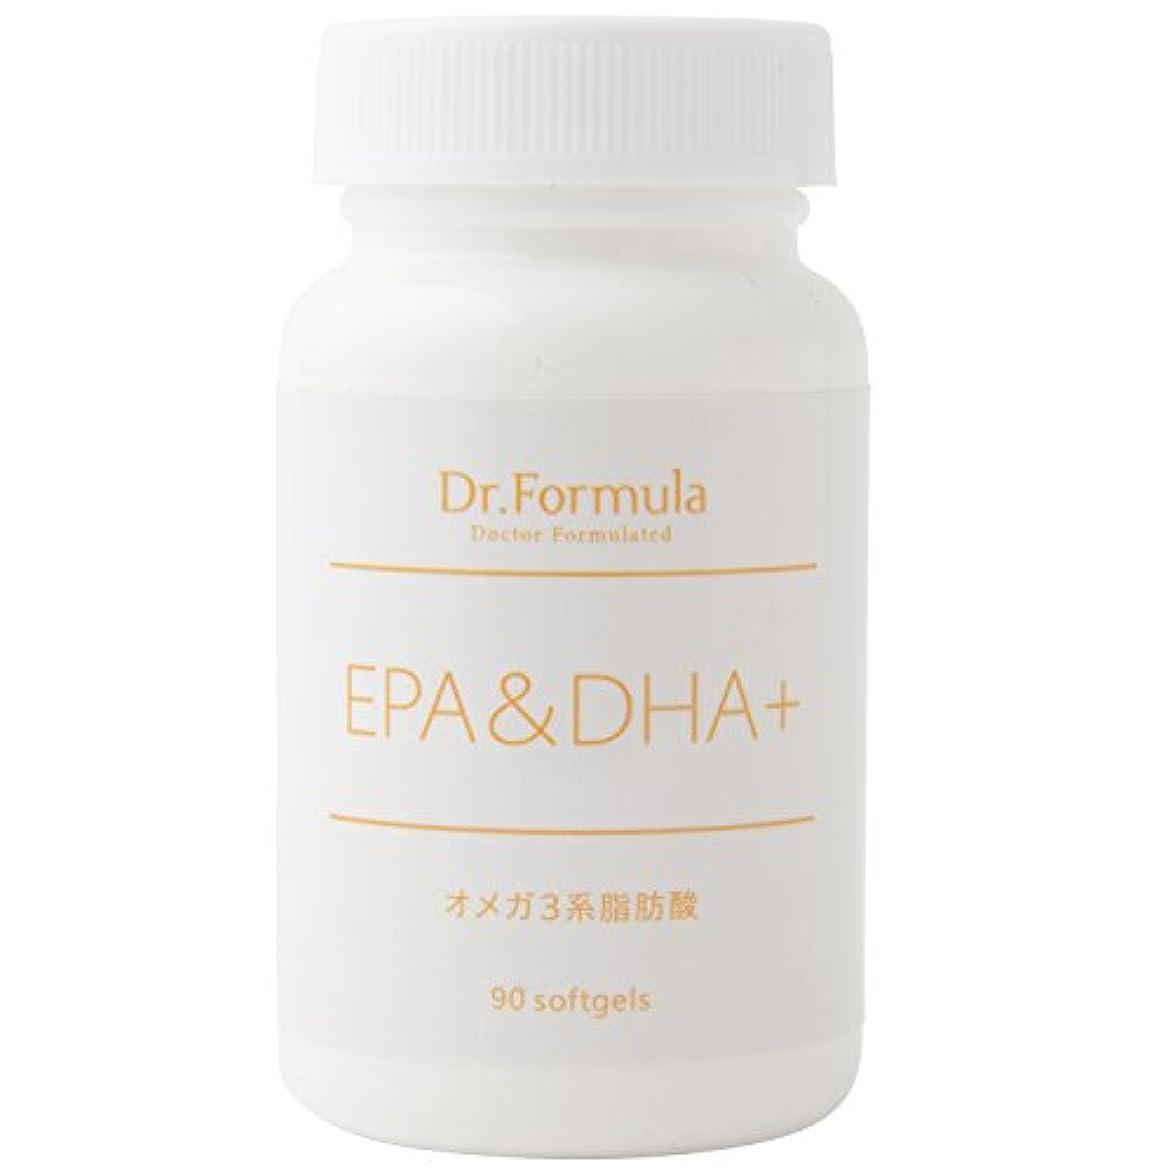 影テキストシャークDr.Formula EPA&DHA+(オメガ 3系脂肪酸) 30日分 90粒 日本製 OMEGA3